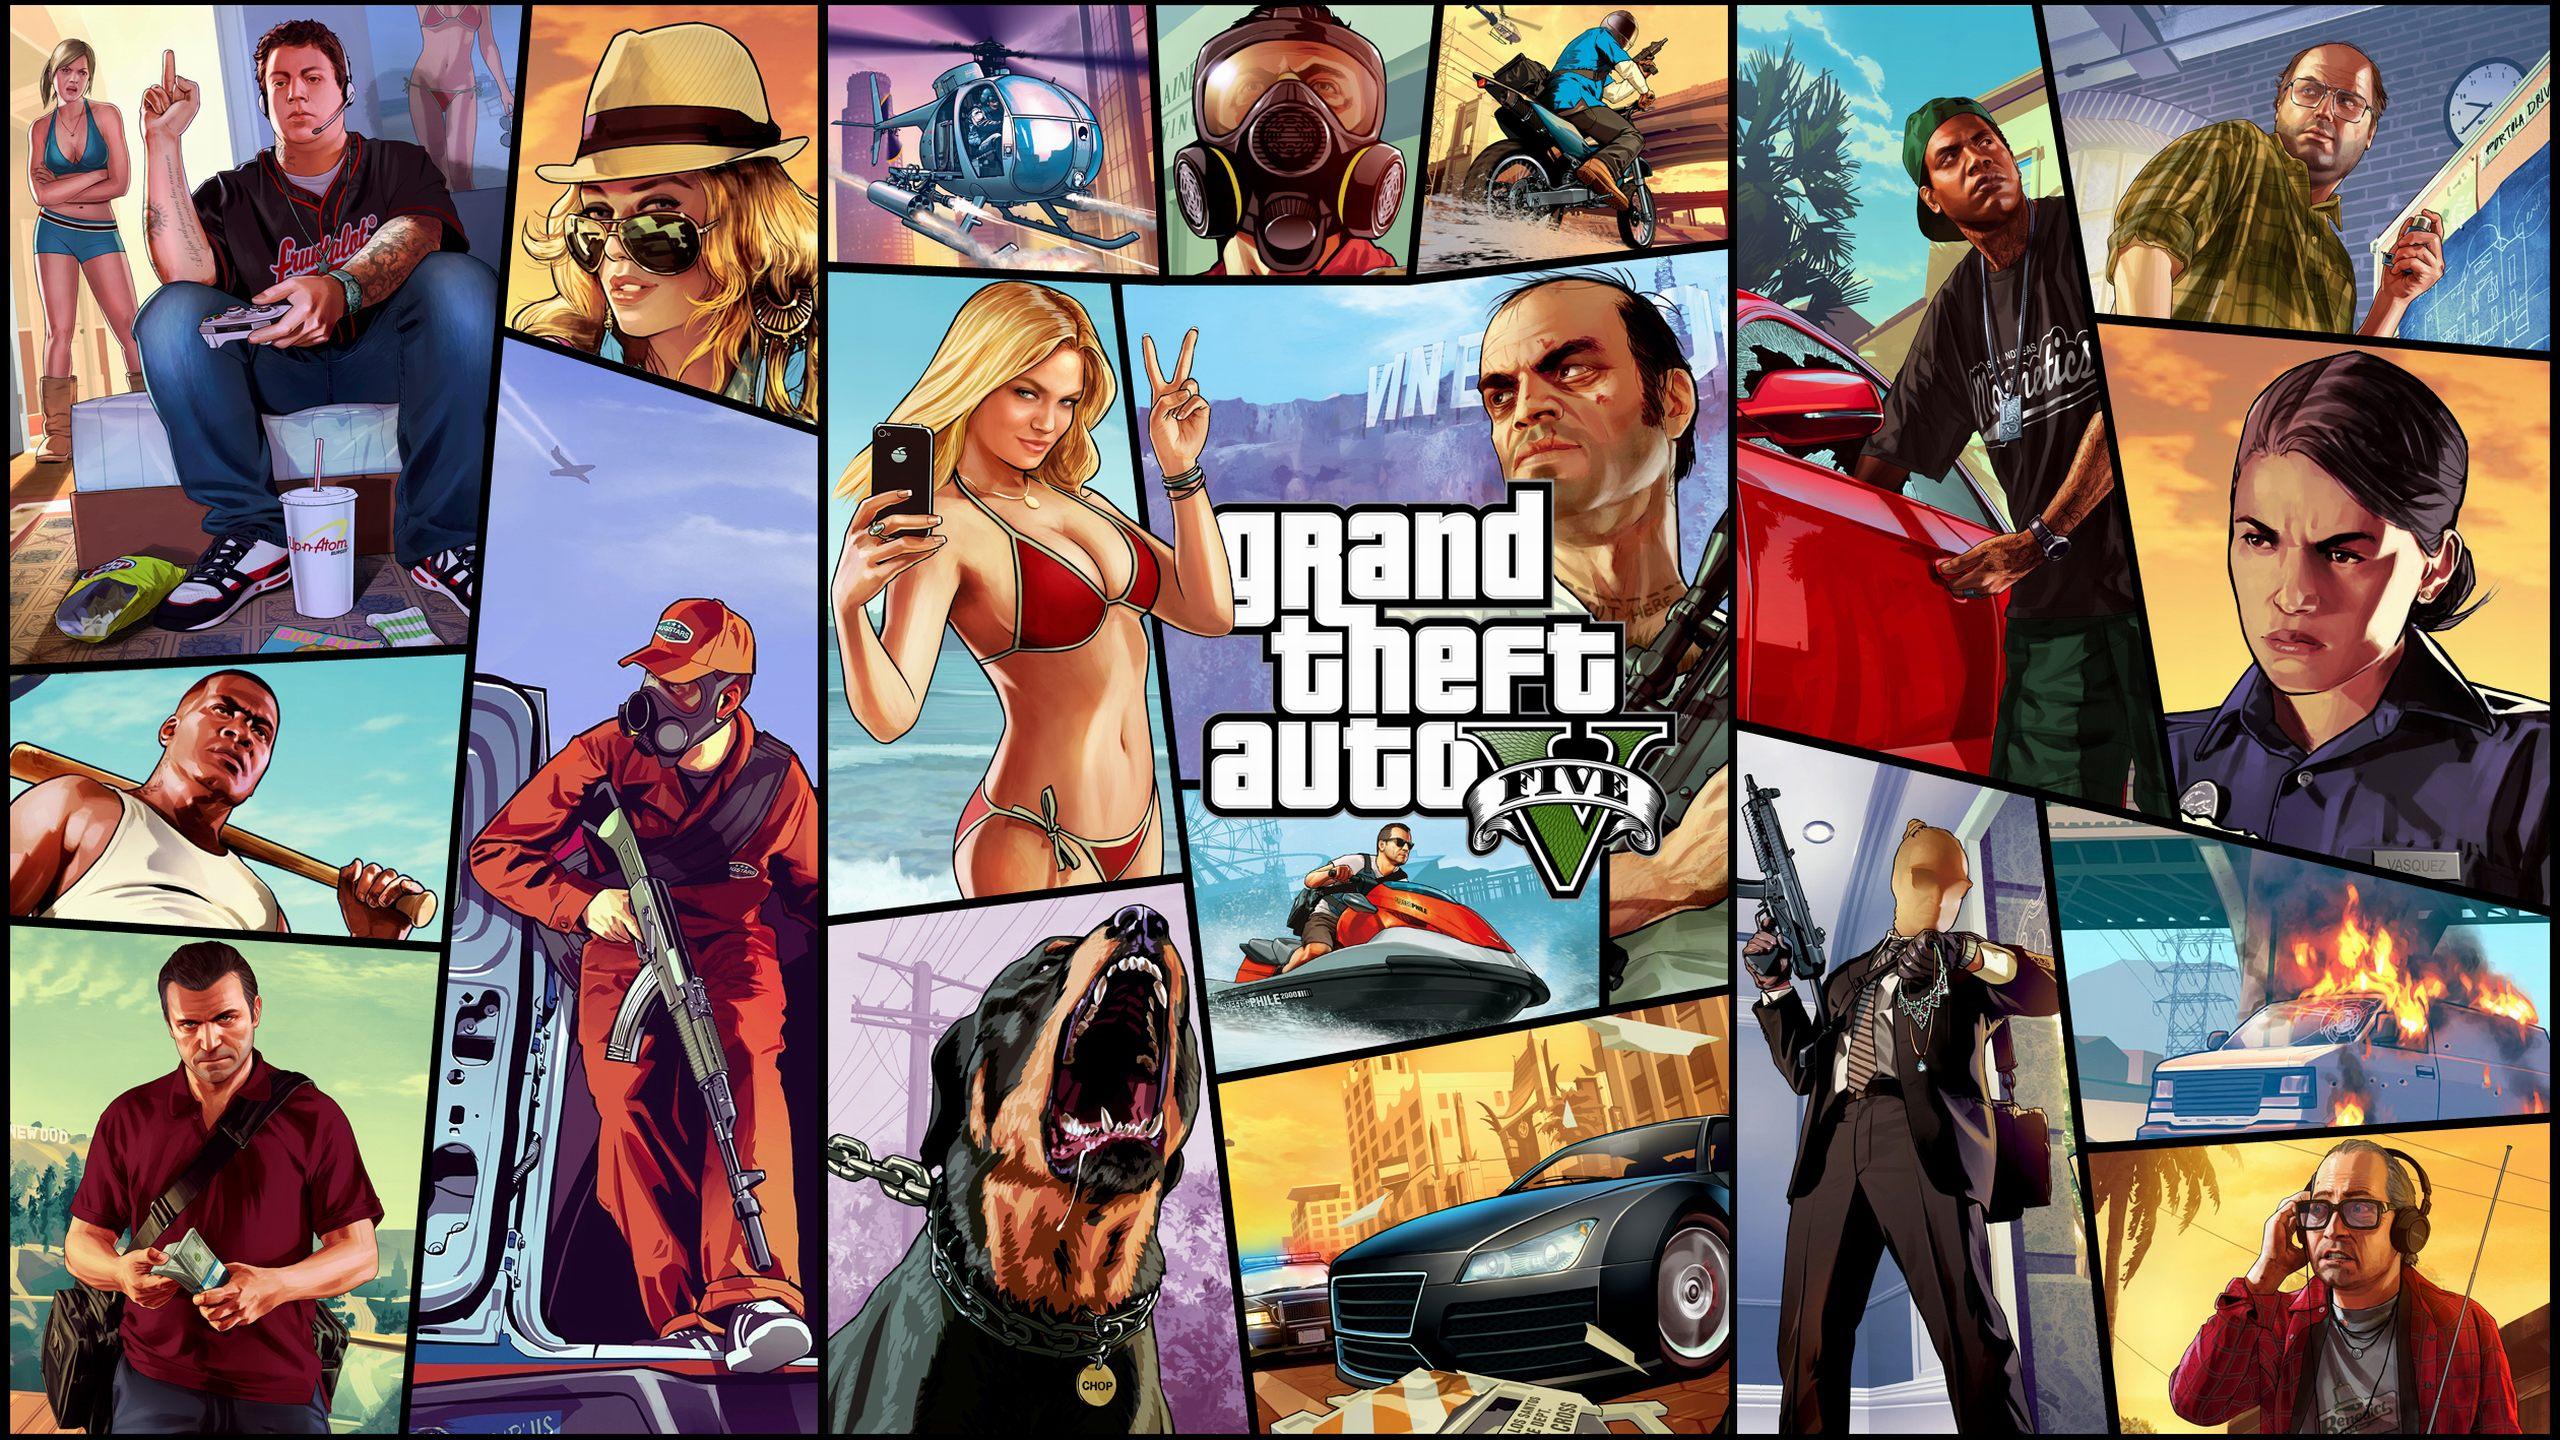 GTA V Wallpapers   GamerBolt 2560x1440